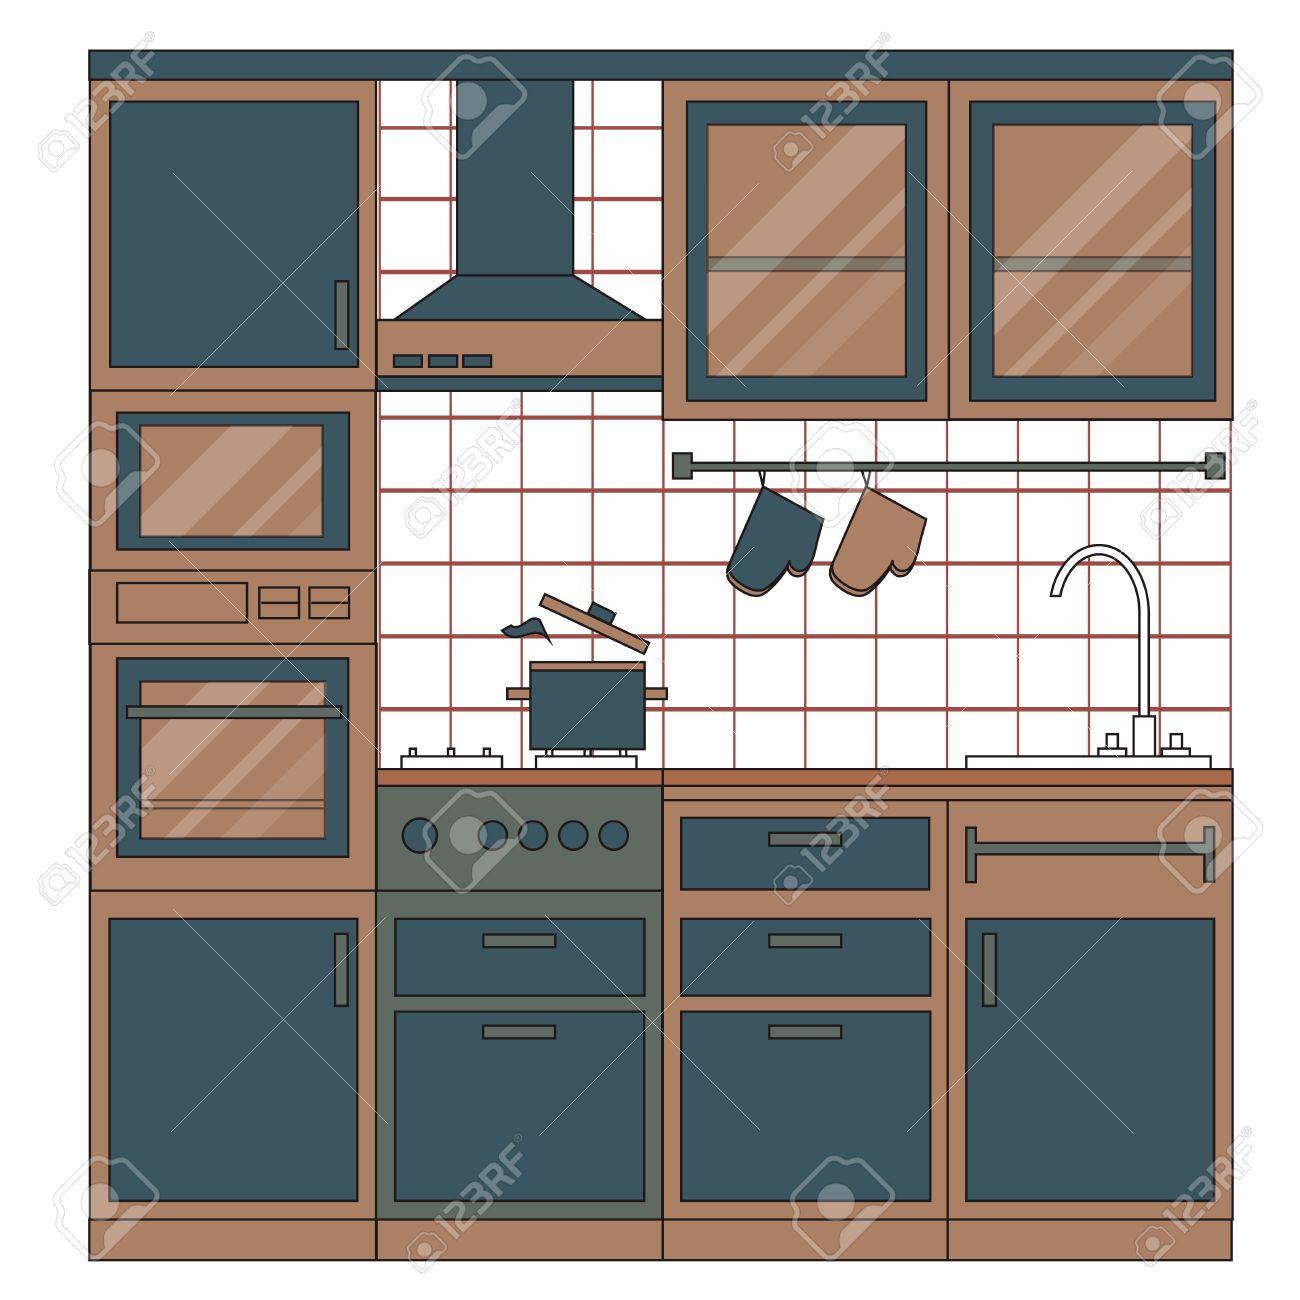 Cocina entre el diseño. Muebles del hogar. Conjunto de elementos: estufa,  horno, microondas, armarios, platos, grifo. ilustración vectorial